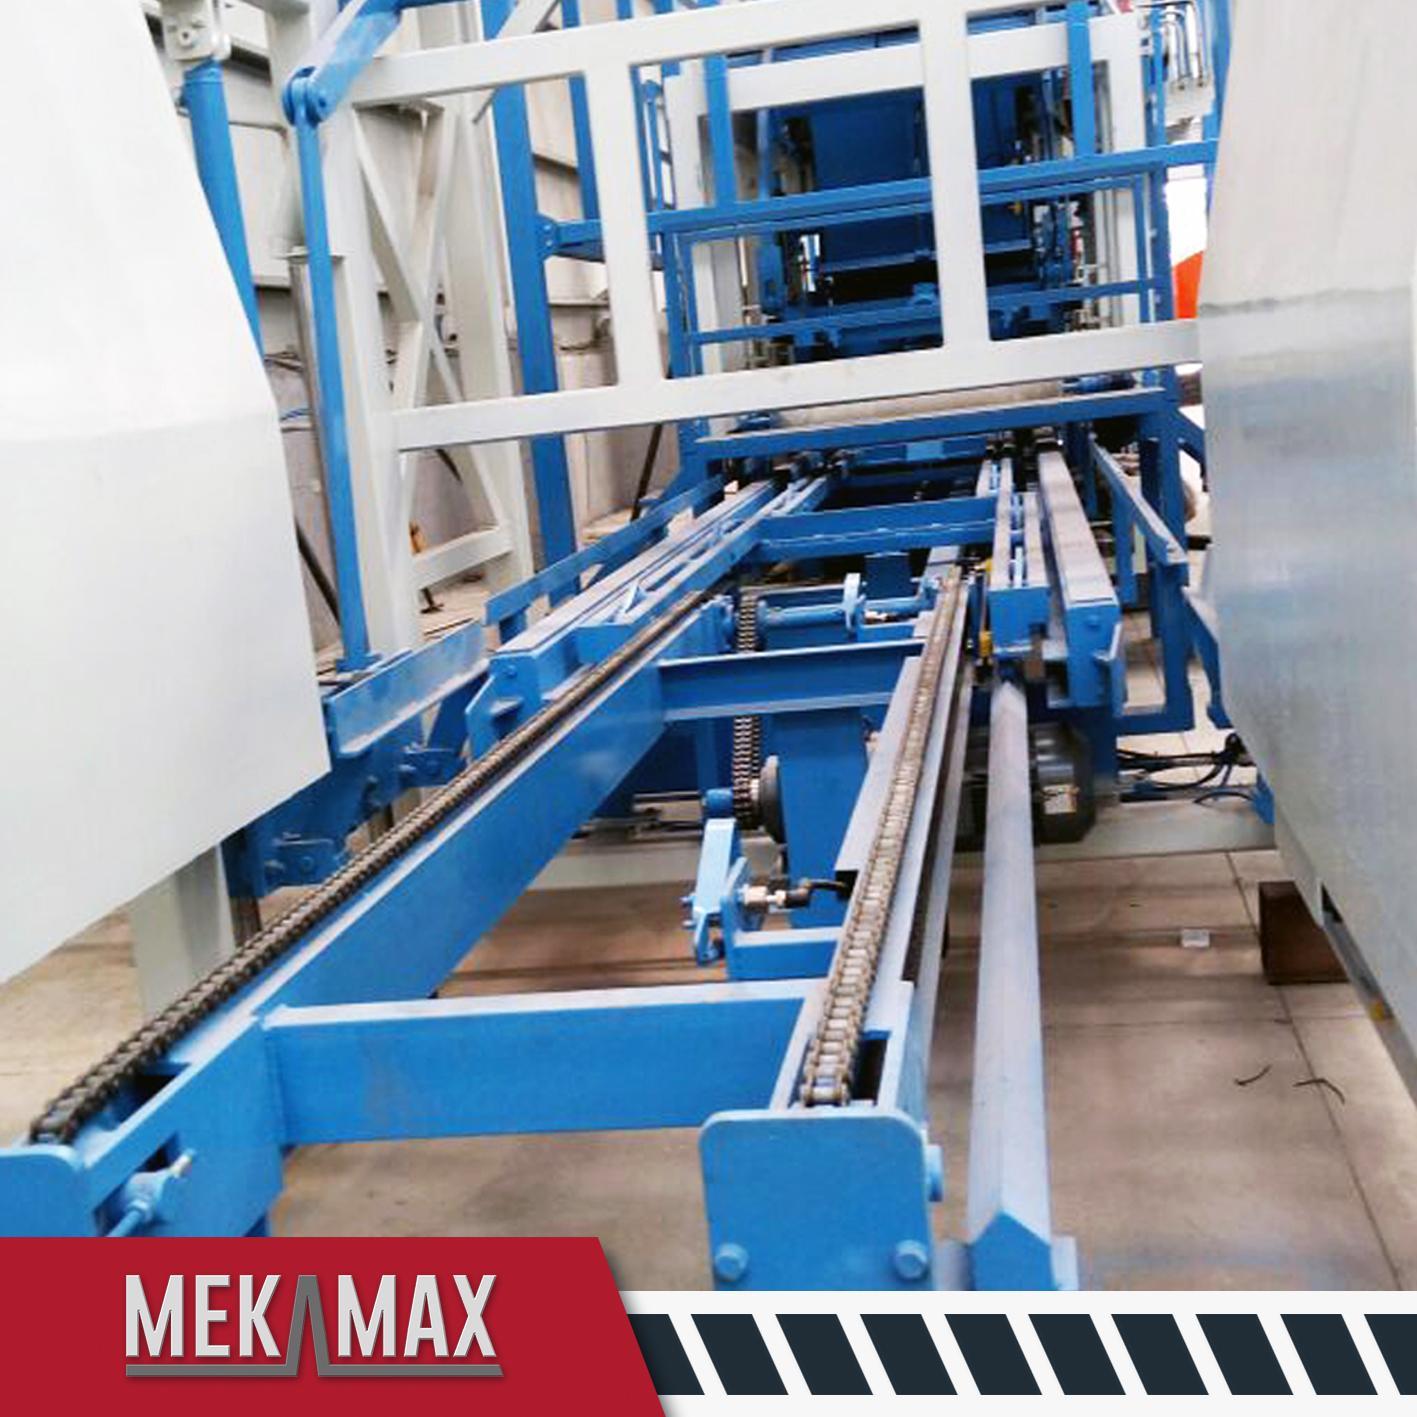 MEKAMAX OPTIMUS CONCRETE BLOCK MACHINES